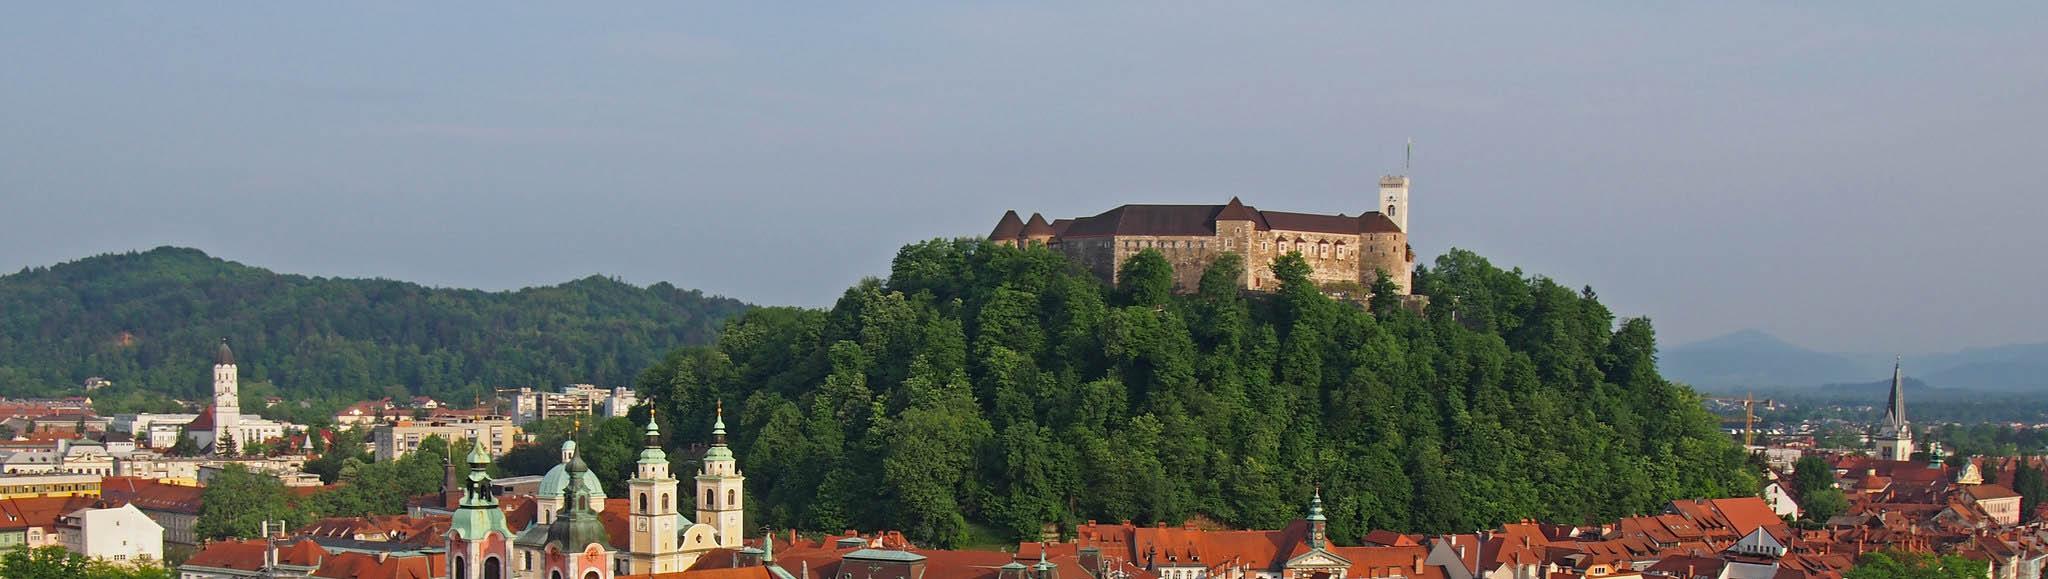 Любляна — Люблянский замок